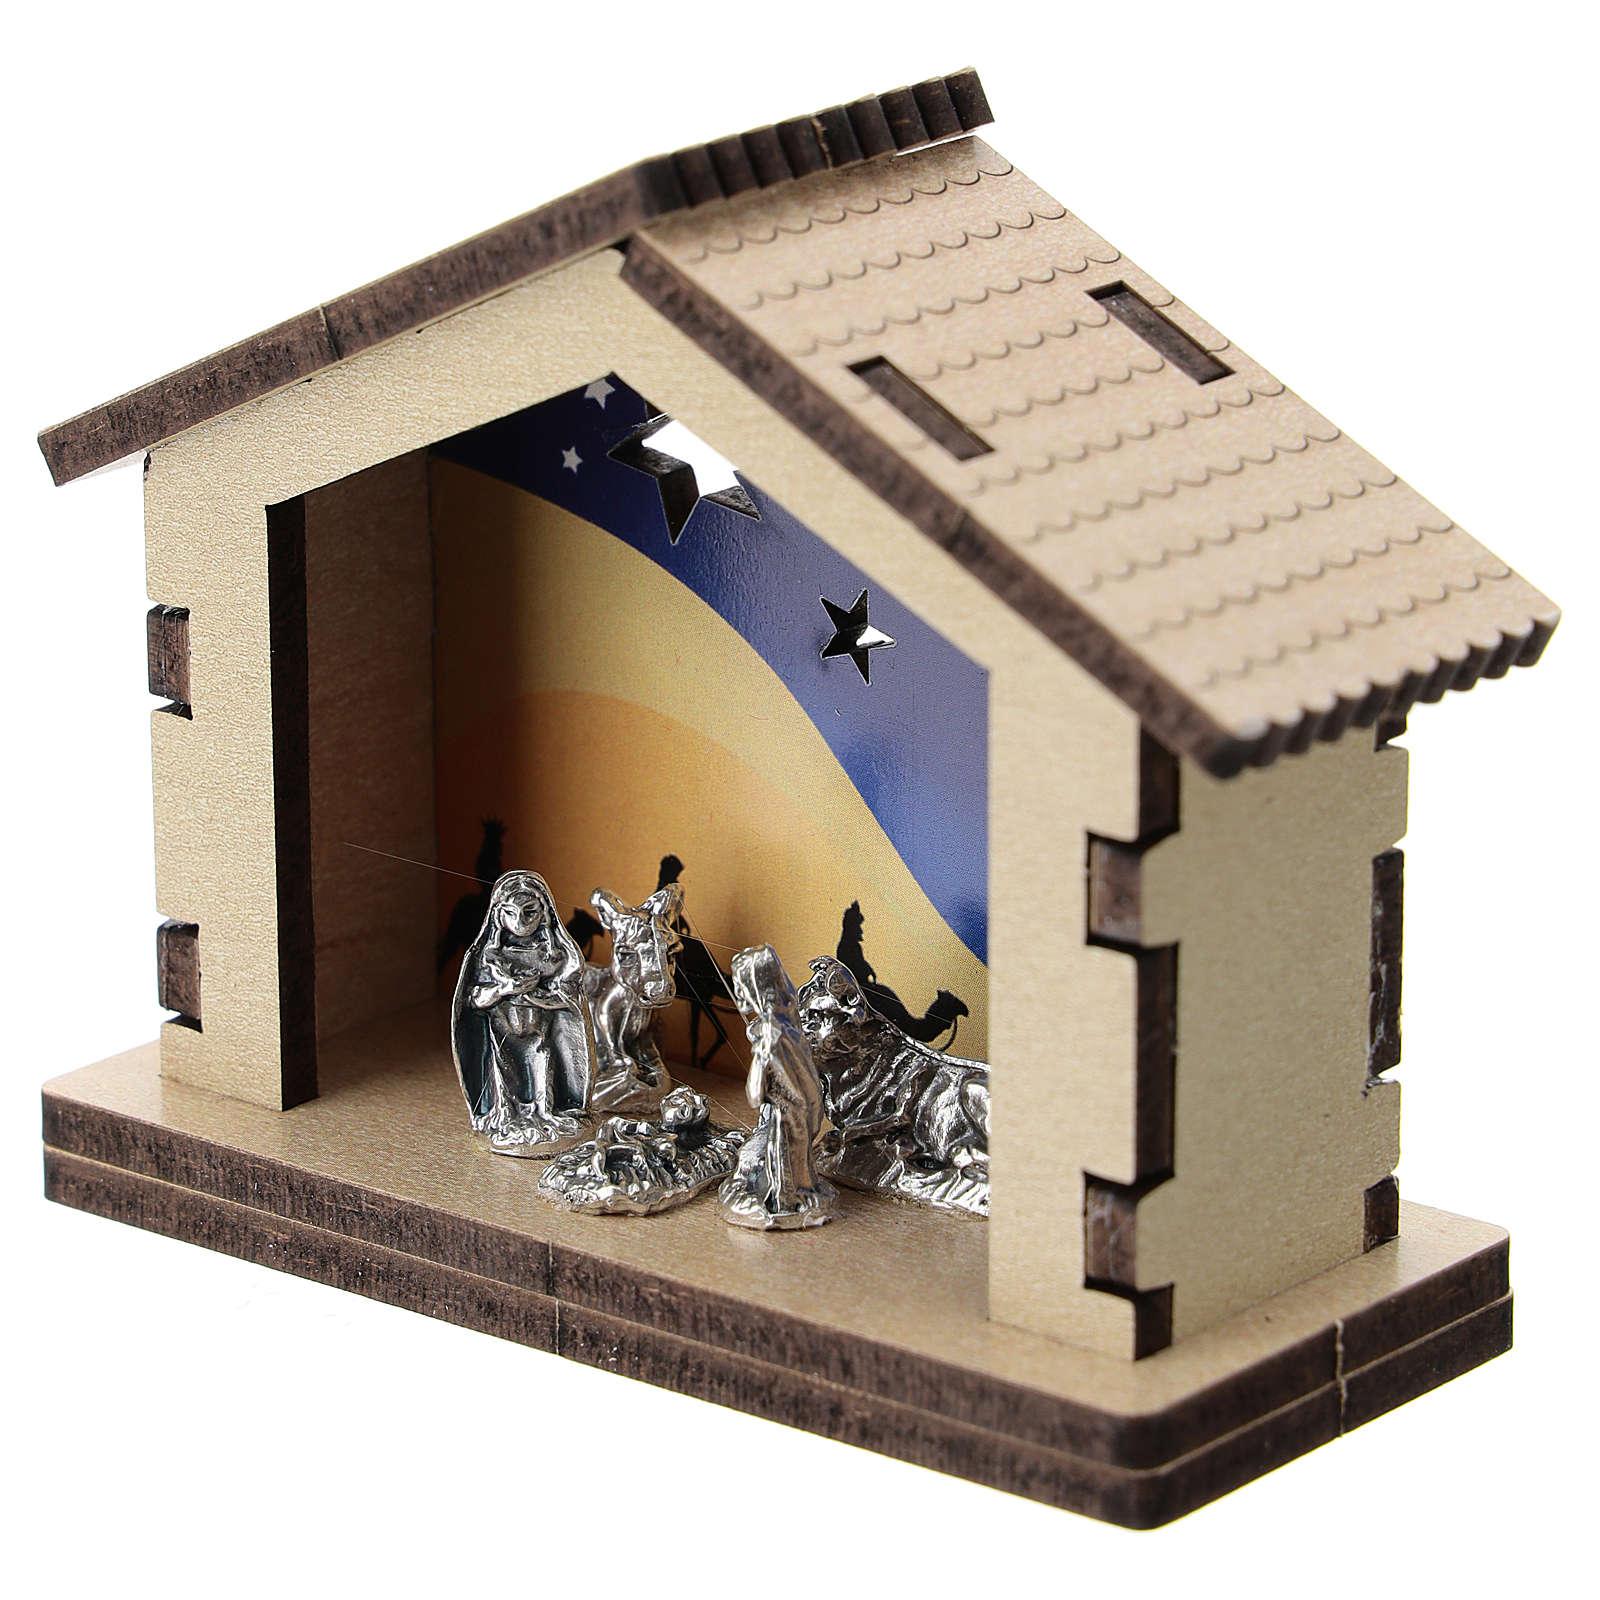 Cabane bois fond désert nocturne Nativité métal 5 cm 3